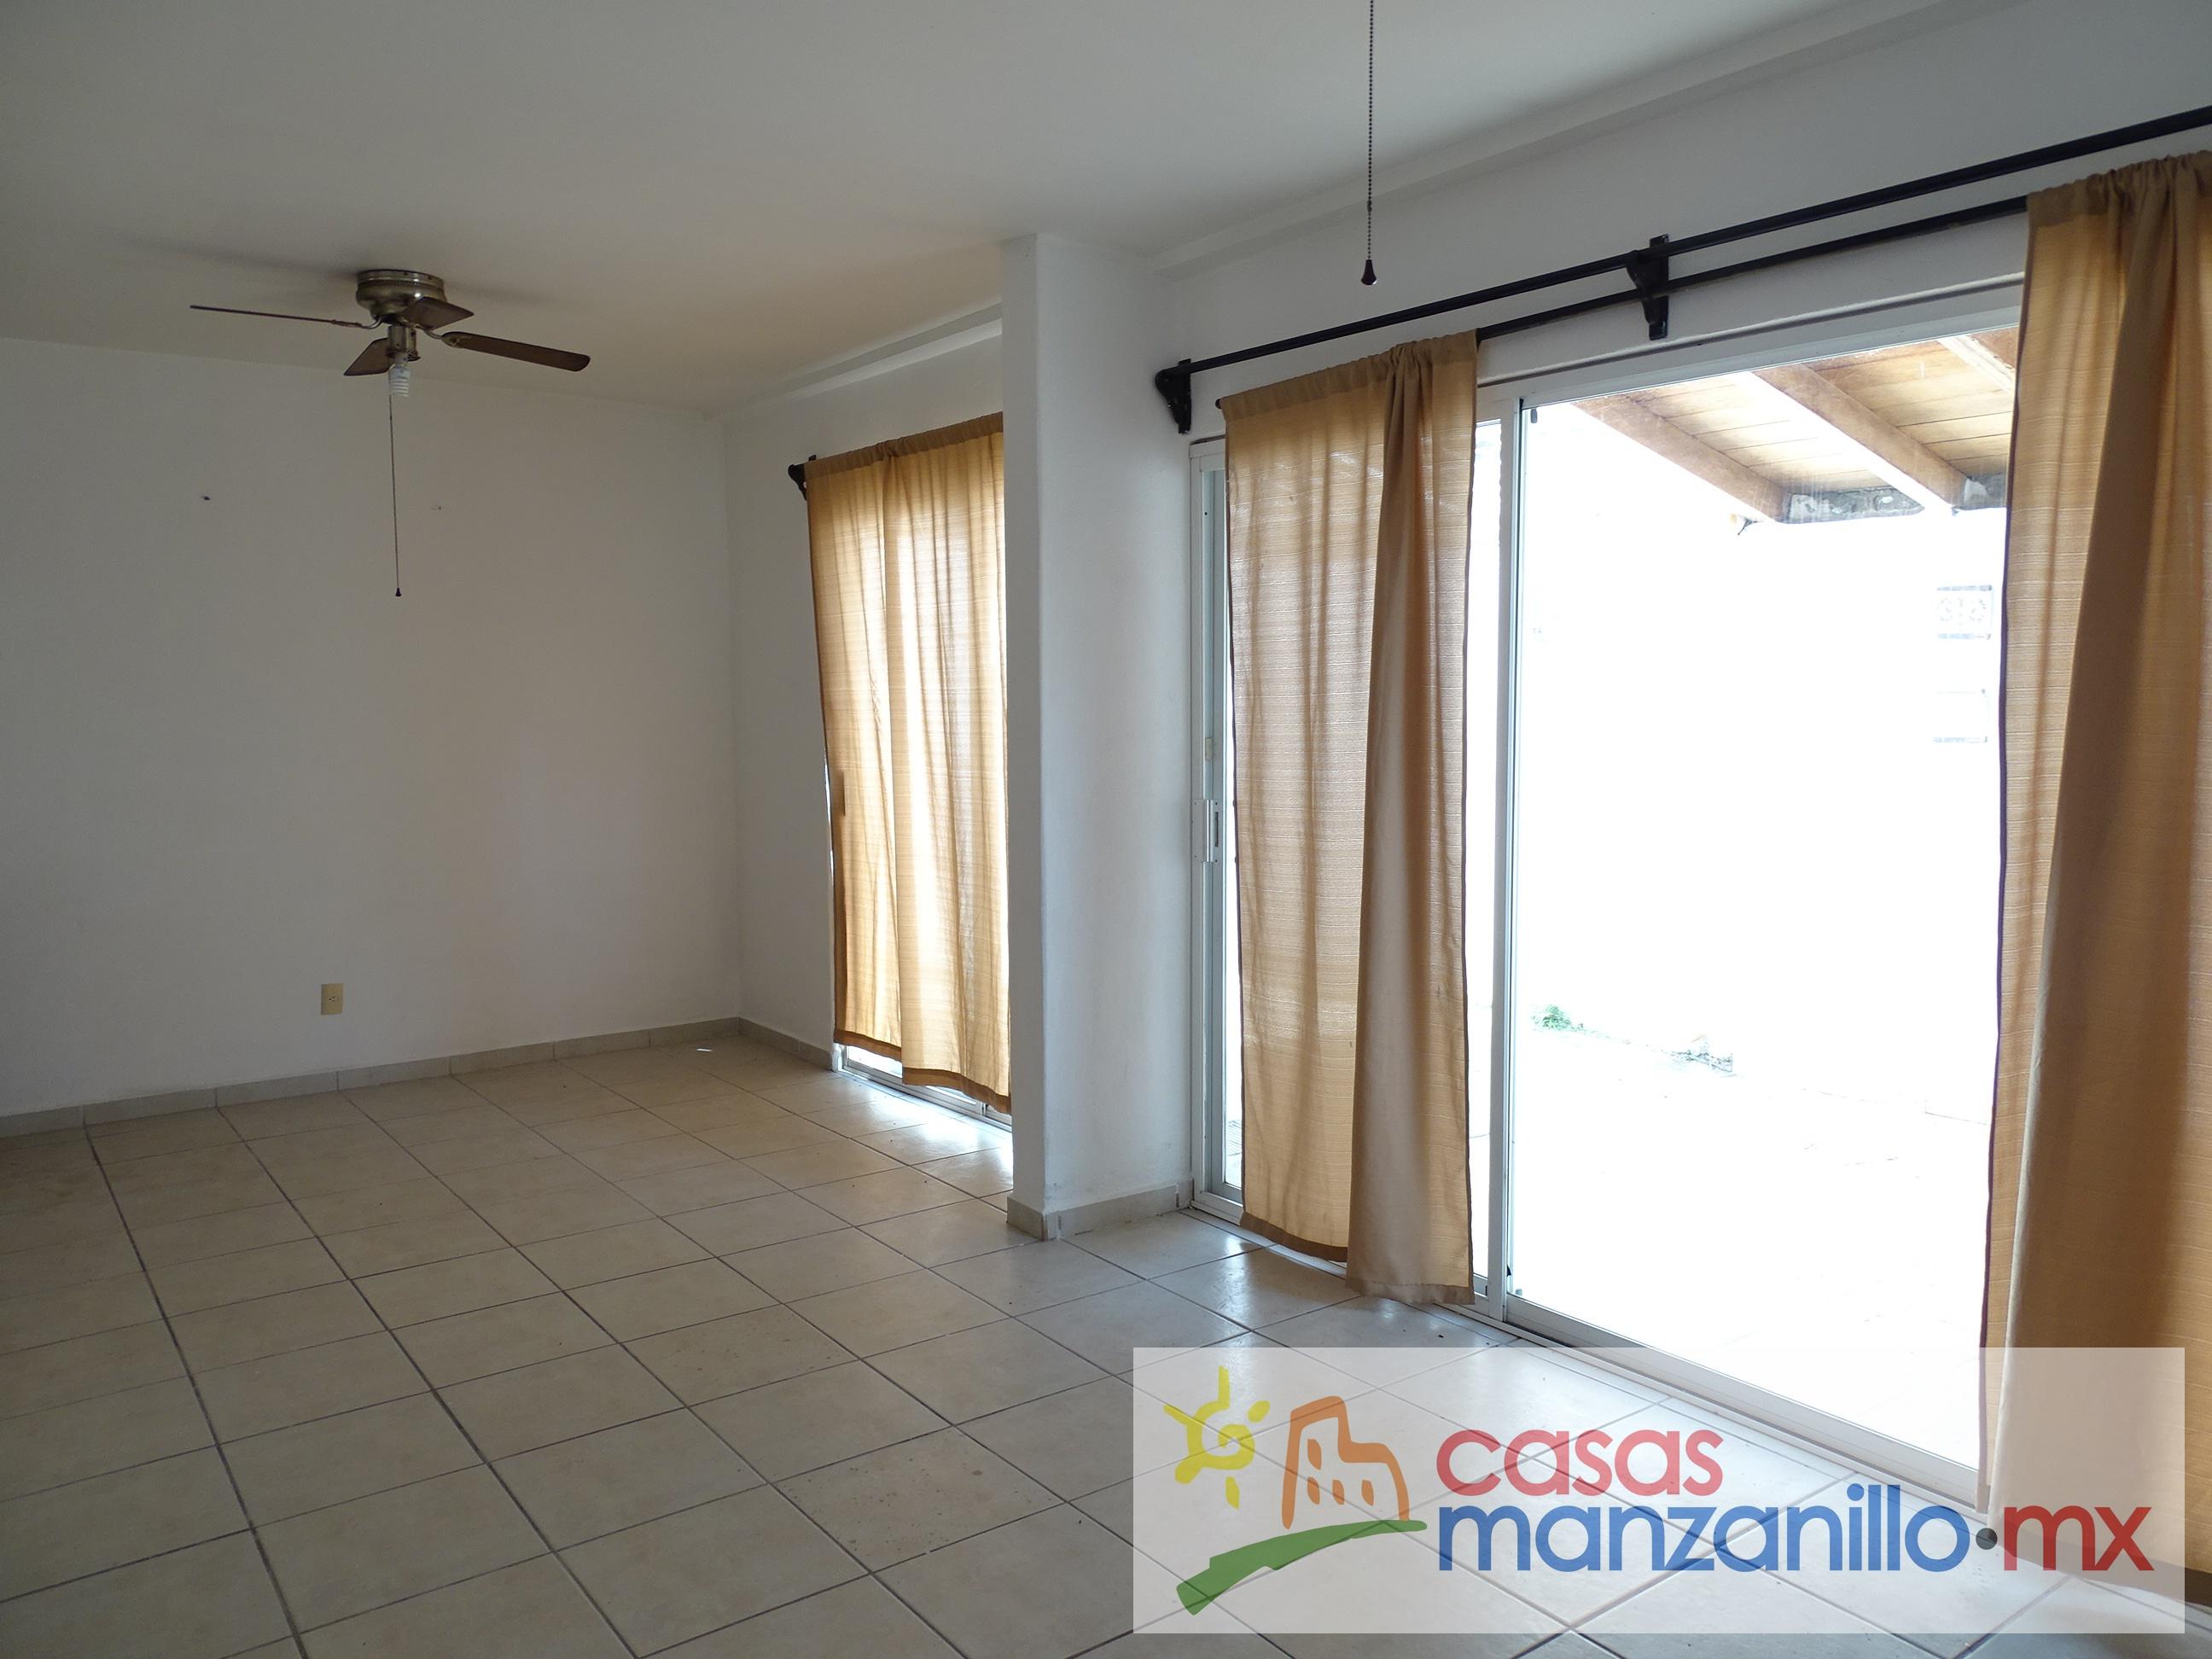 Casas RENTA Manzanillo - Almendros (6)